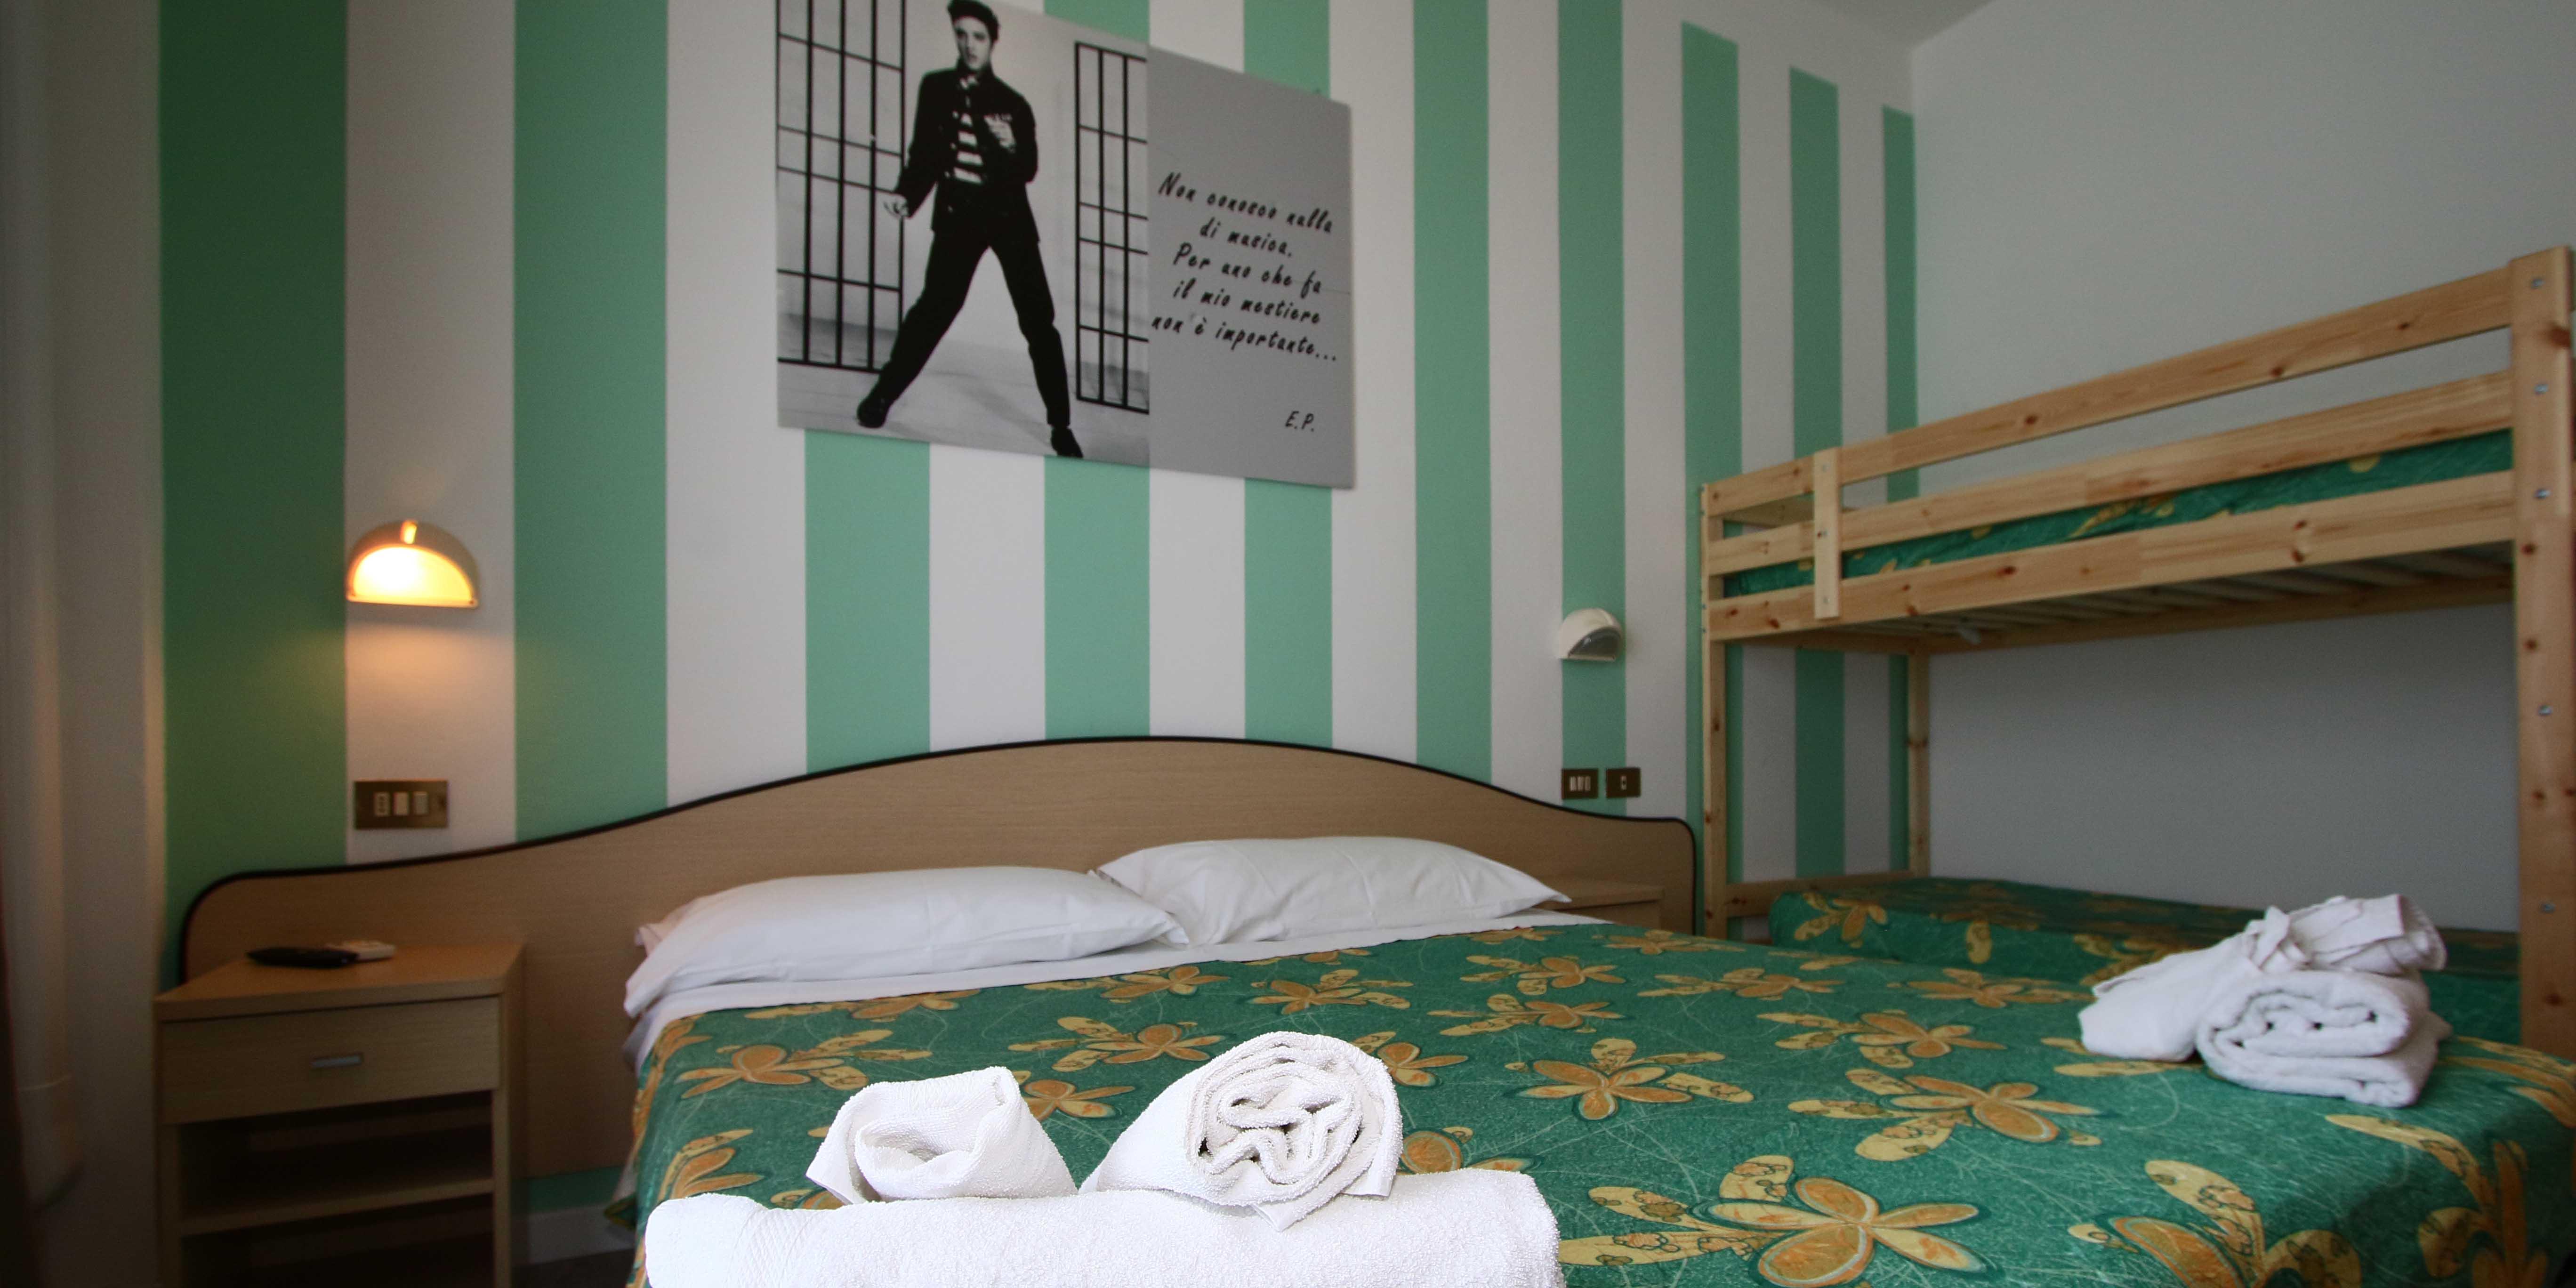 Hotel Clerice Rimini